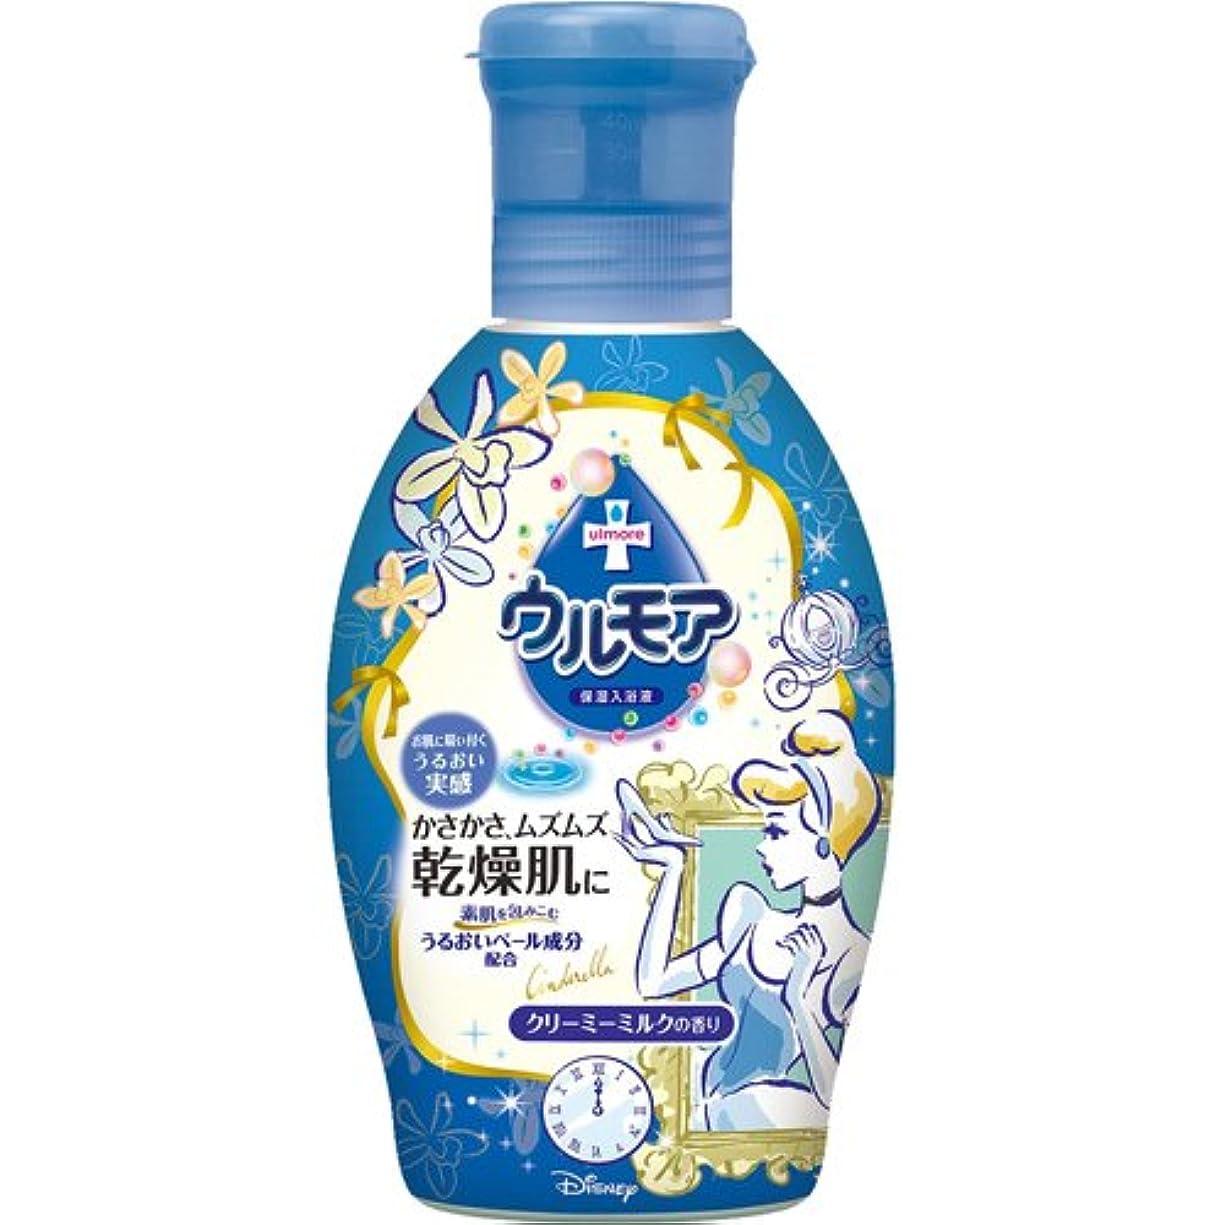 ウルモア クリーミーミルクの香り ディズニープリンセス 600ml